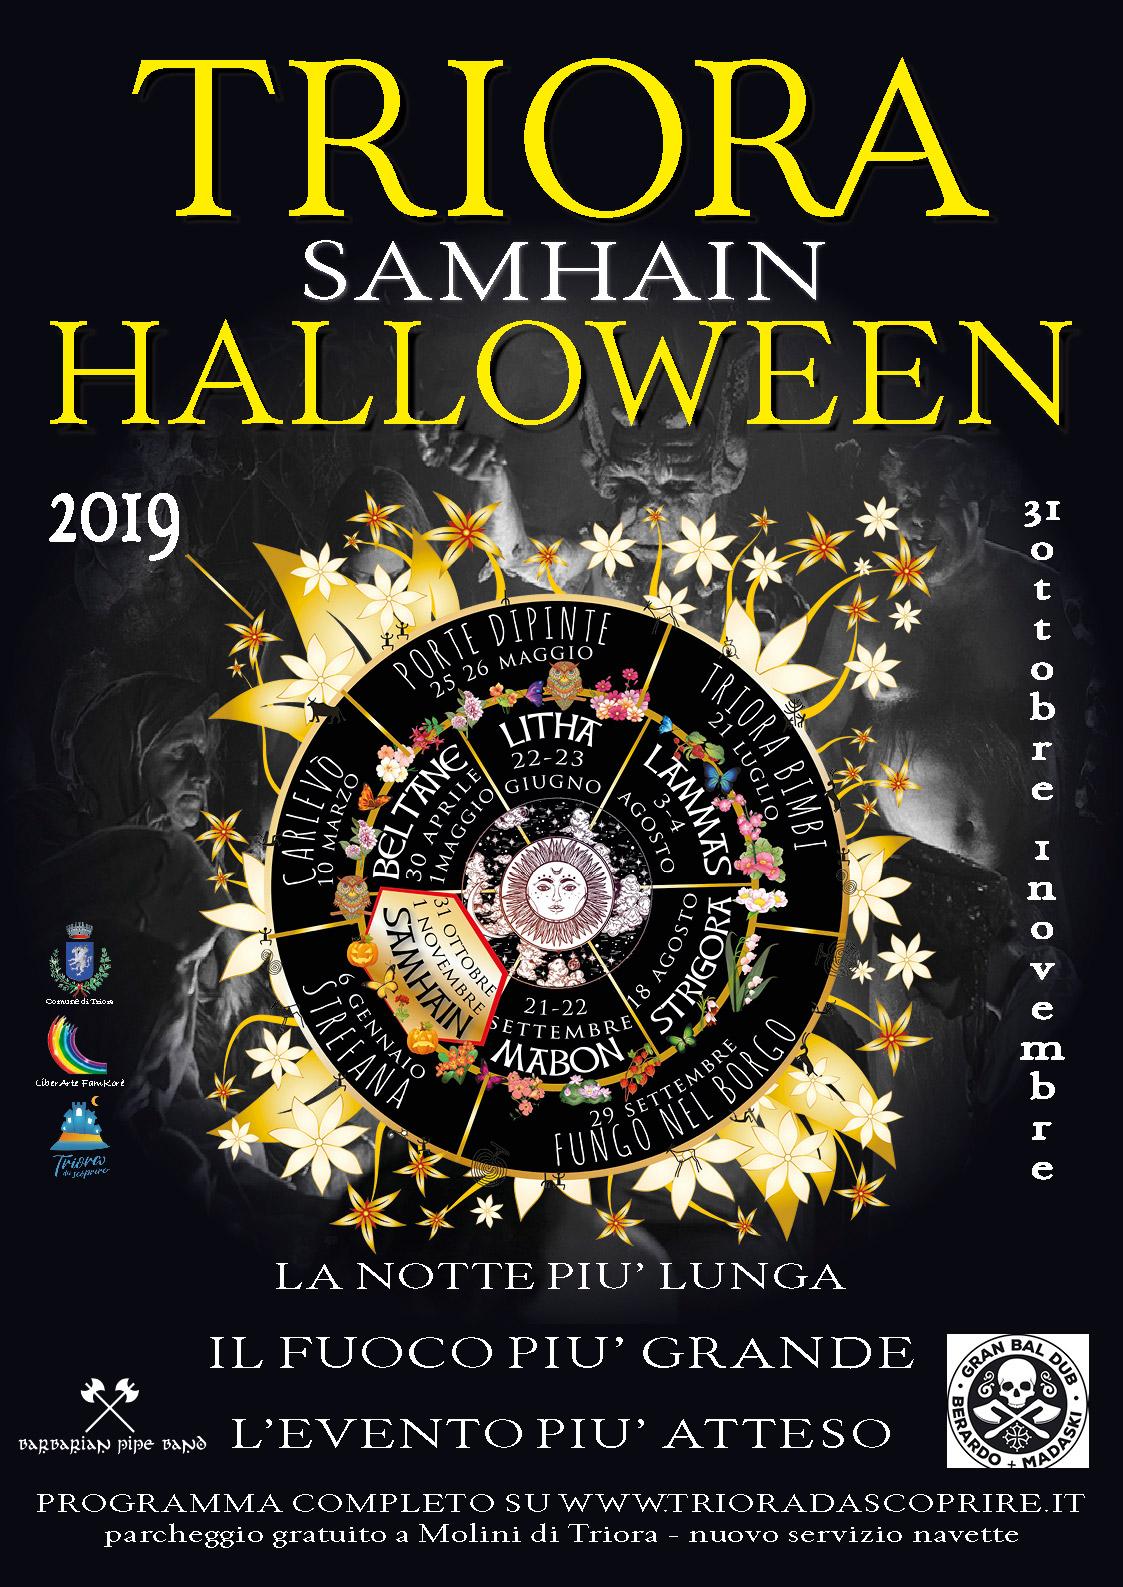 Triora Samhain 2019 – Halloween 31 ottobre -1 novembre